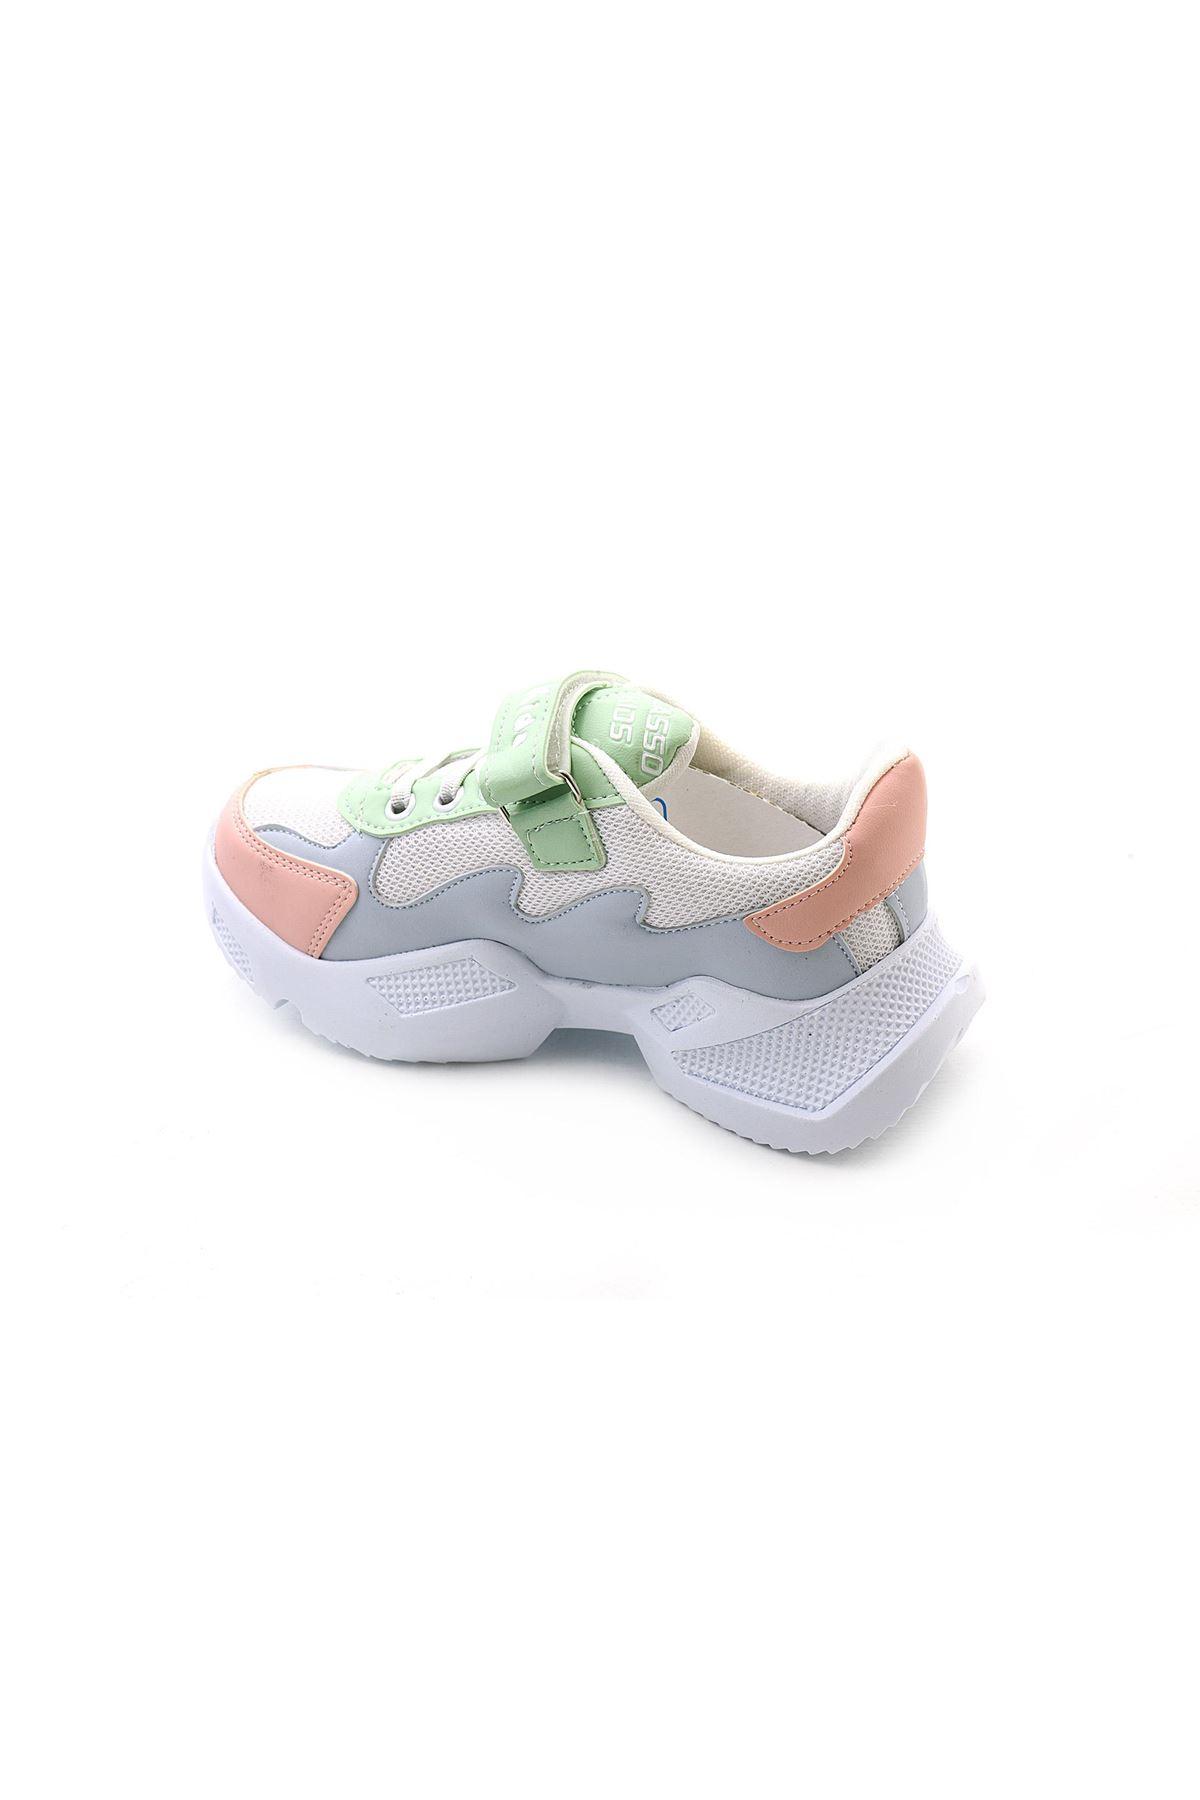 Kids World 333-1 Yüksek Taban Kız Çocuk Spor Ayakkabı